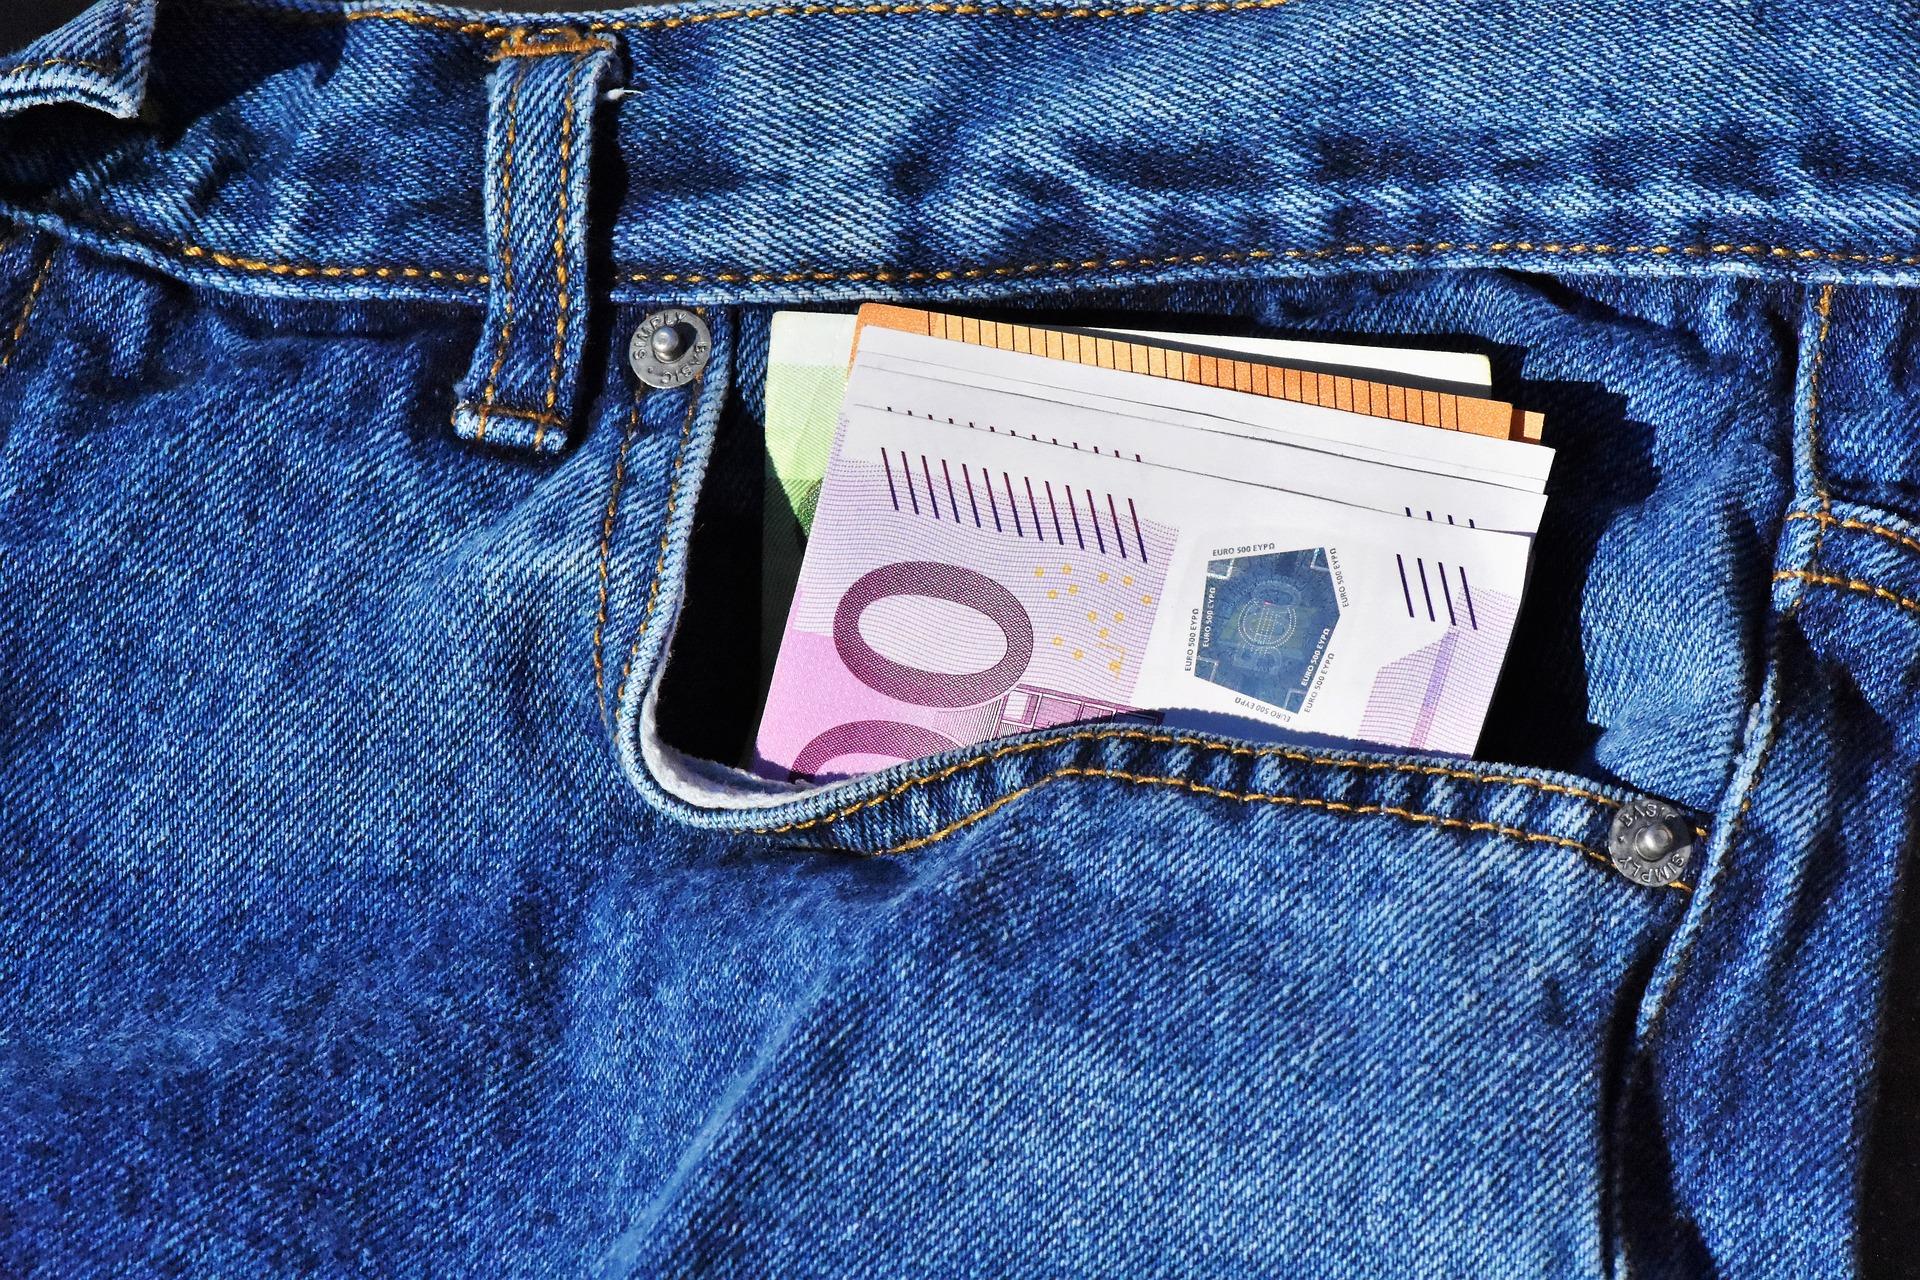 Бързите кредити не са включени в мораториума, одобрен от БНБ